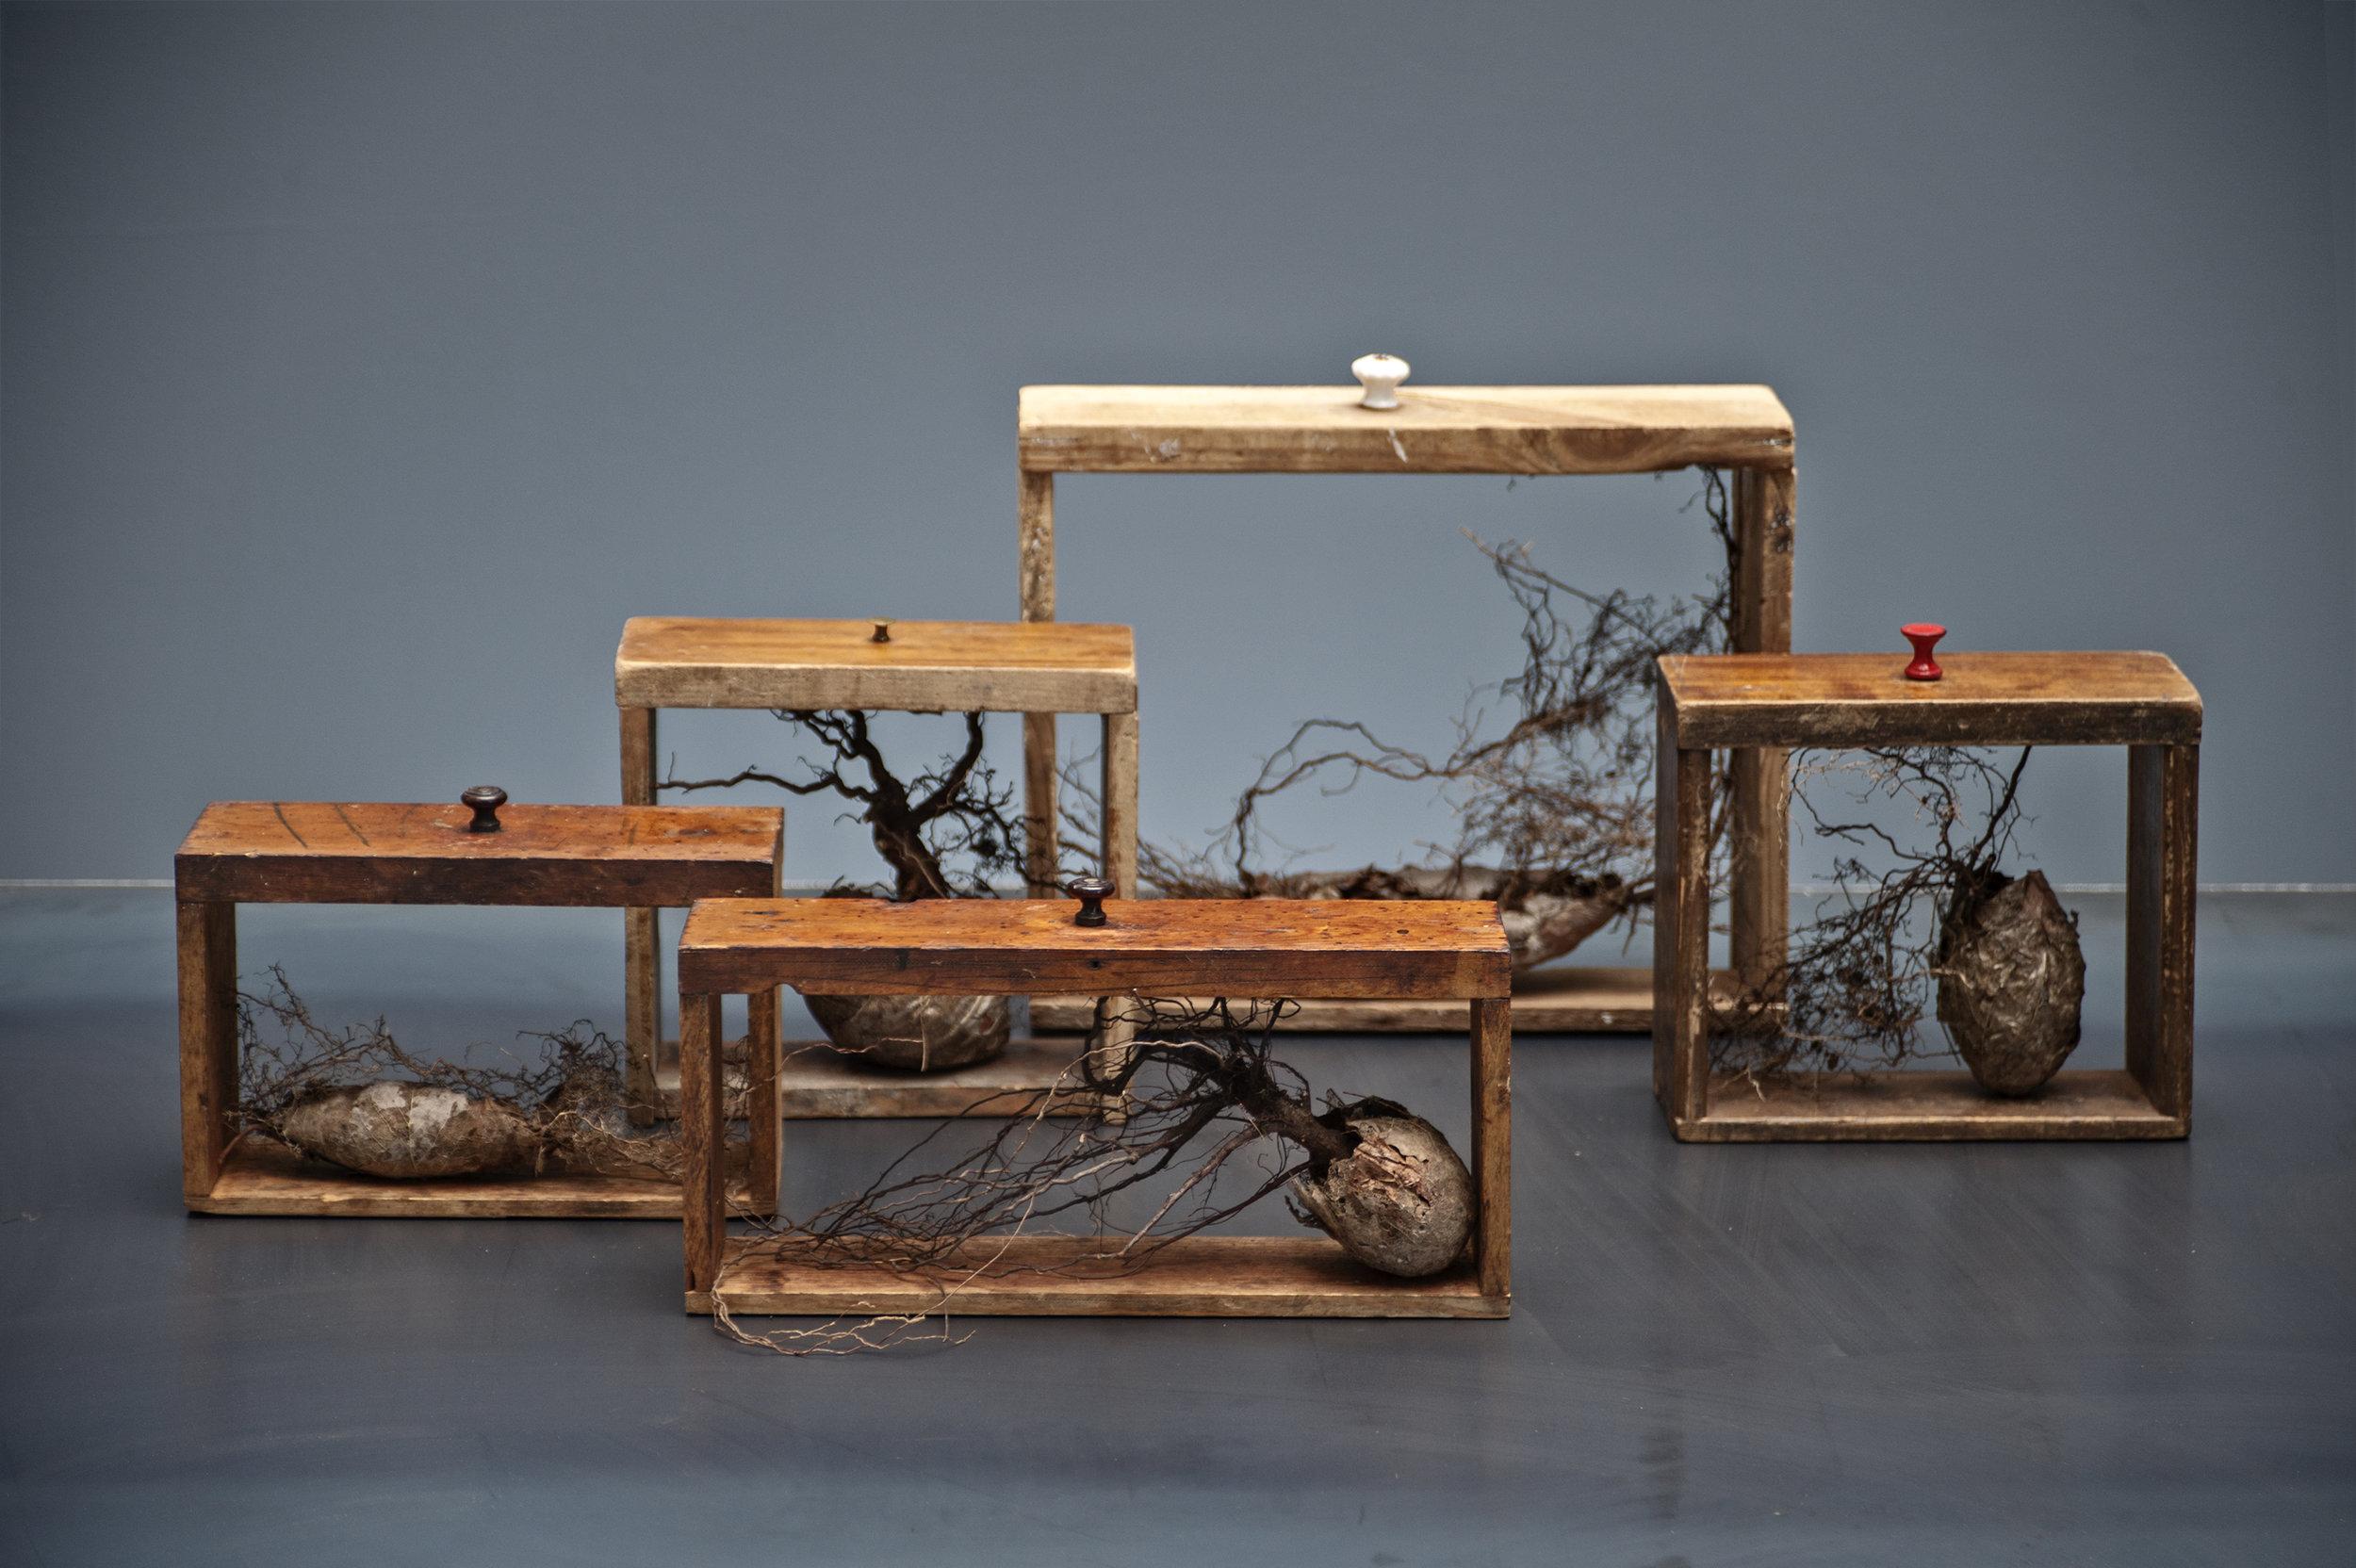 Ann Kristin Aas,  Leaves me, Leaves me not…  Serie naturobjekter. Foto: Kjell S. Stenmarch